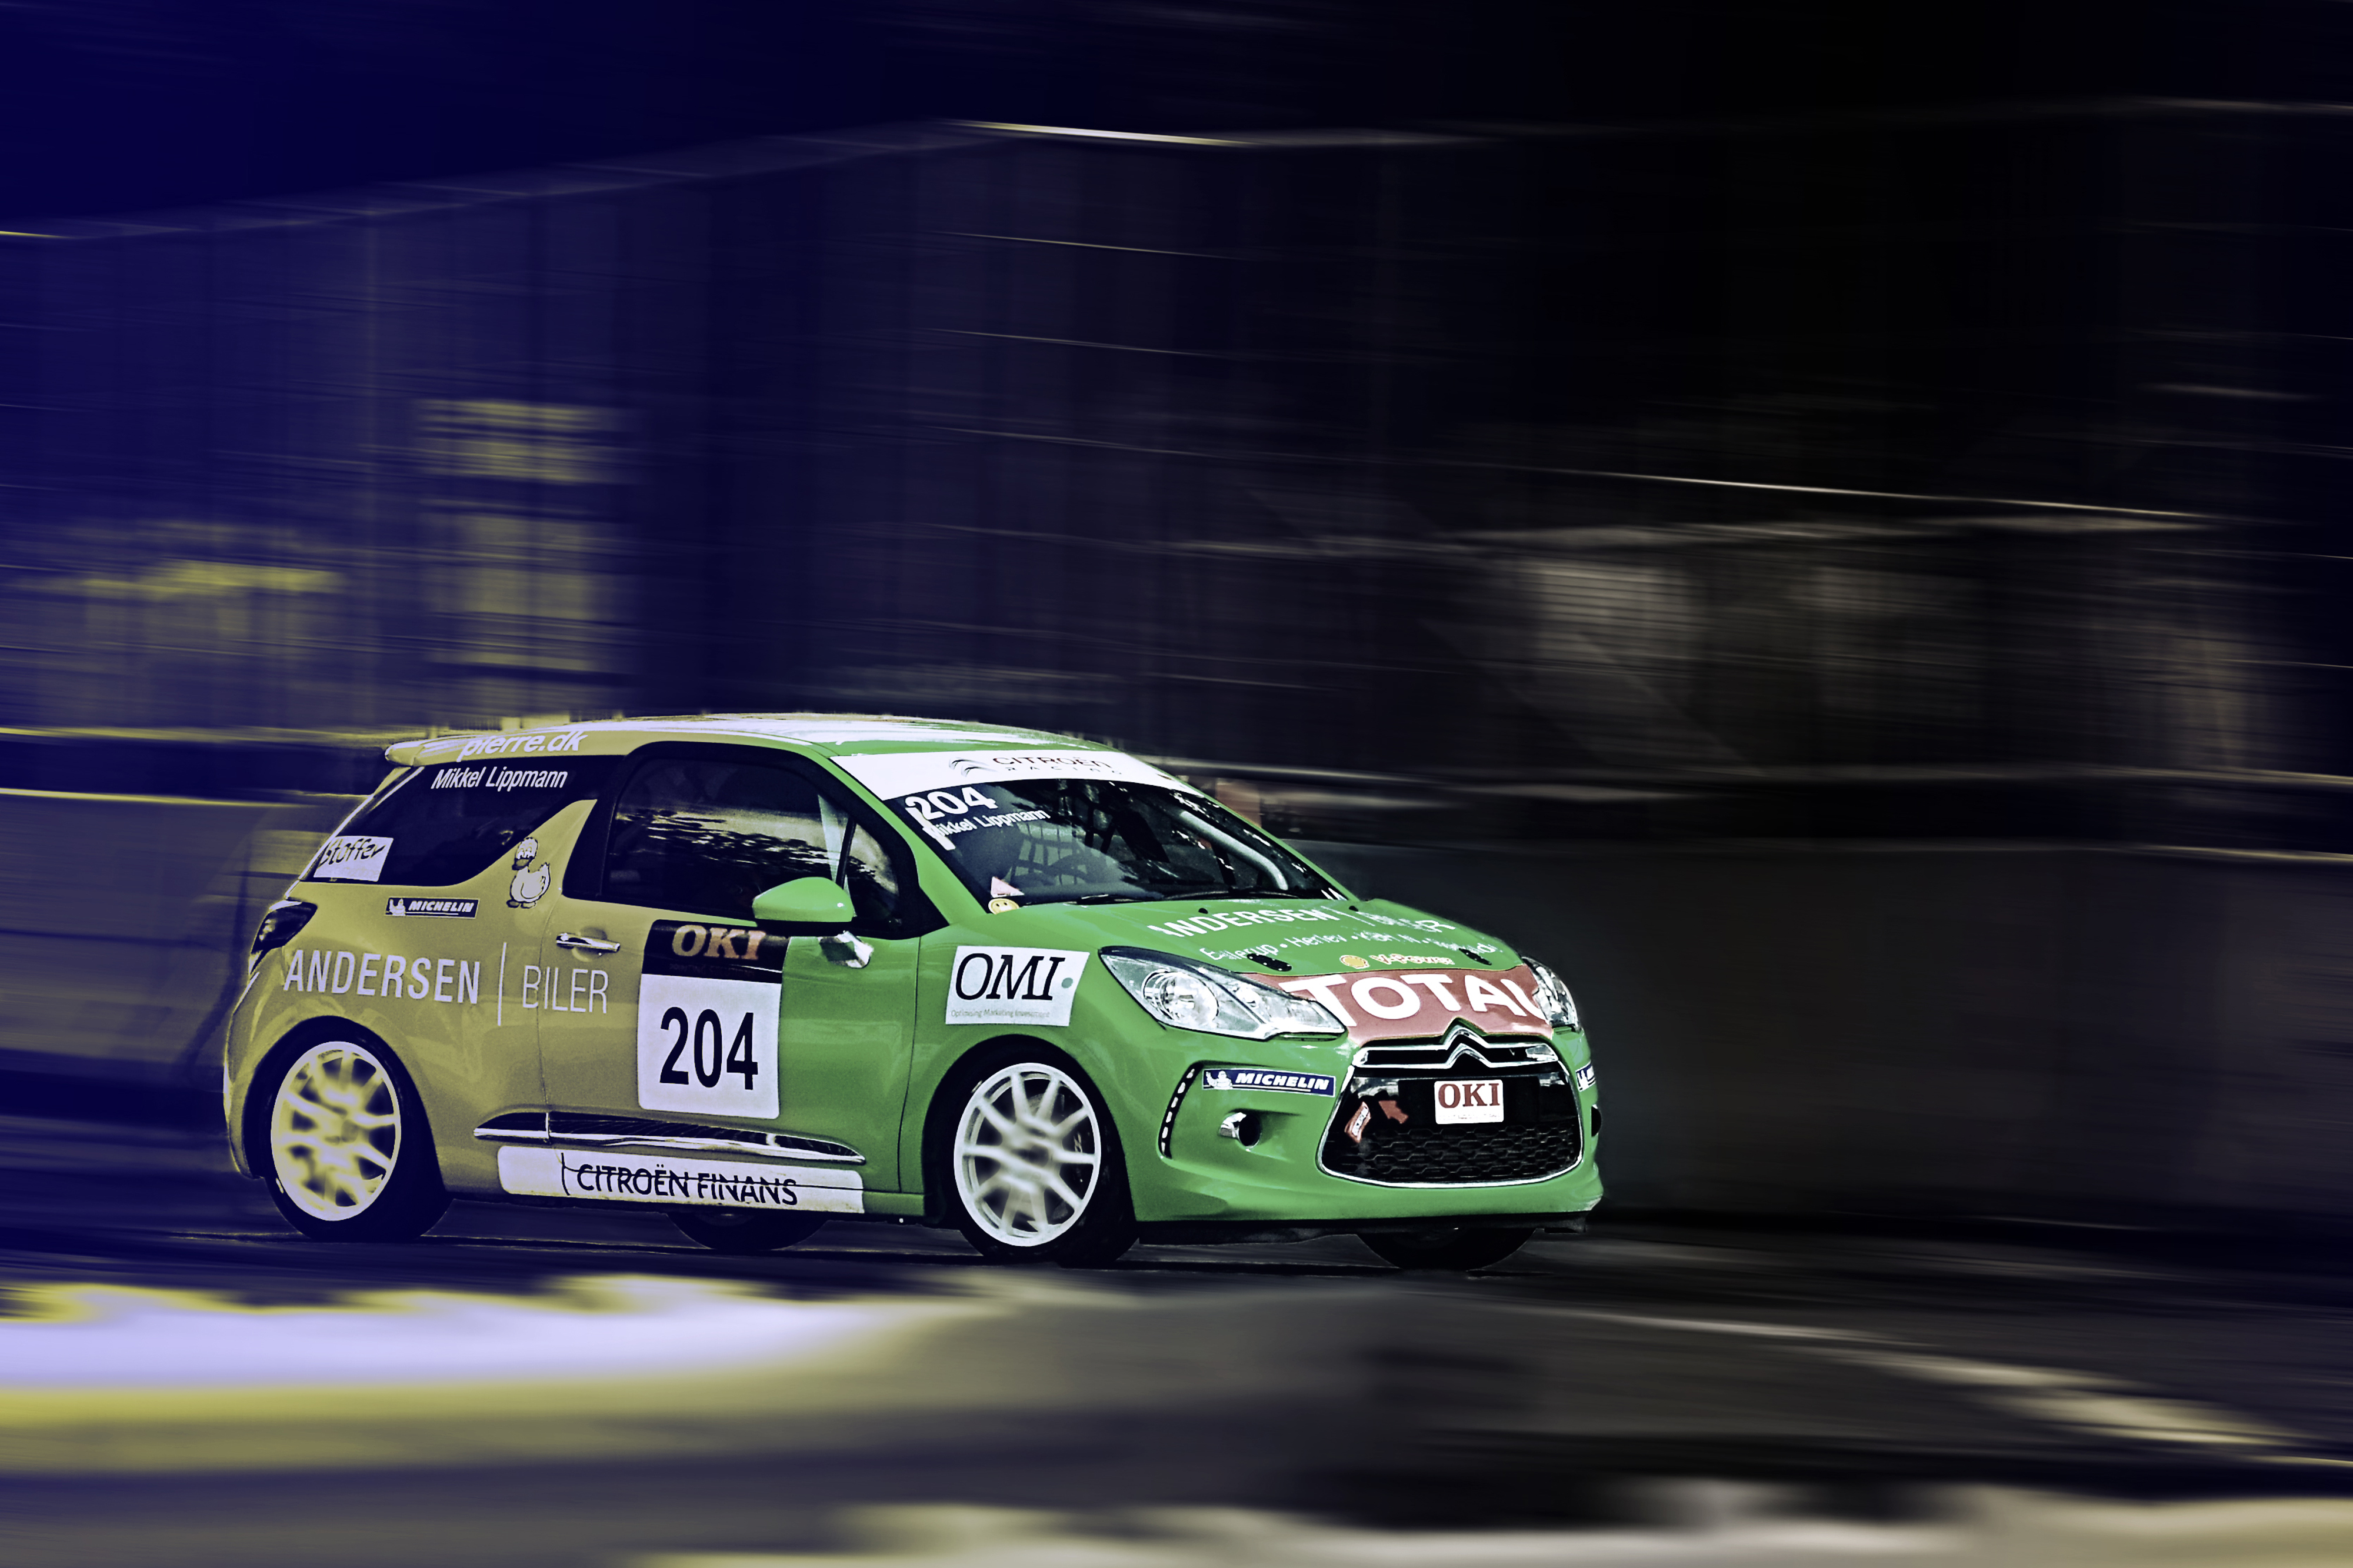 Racerbil i København | Sport event